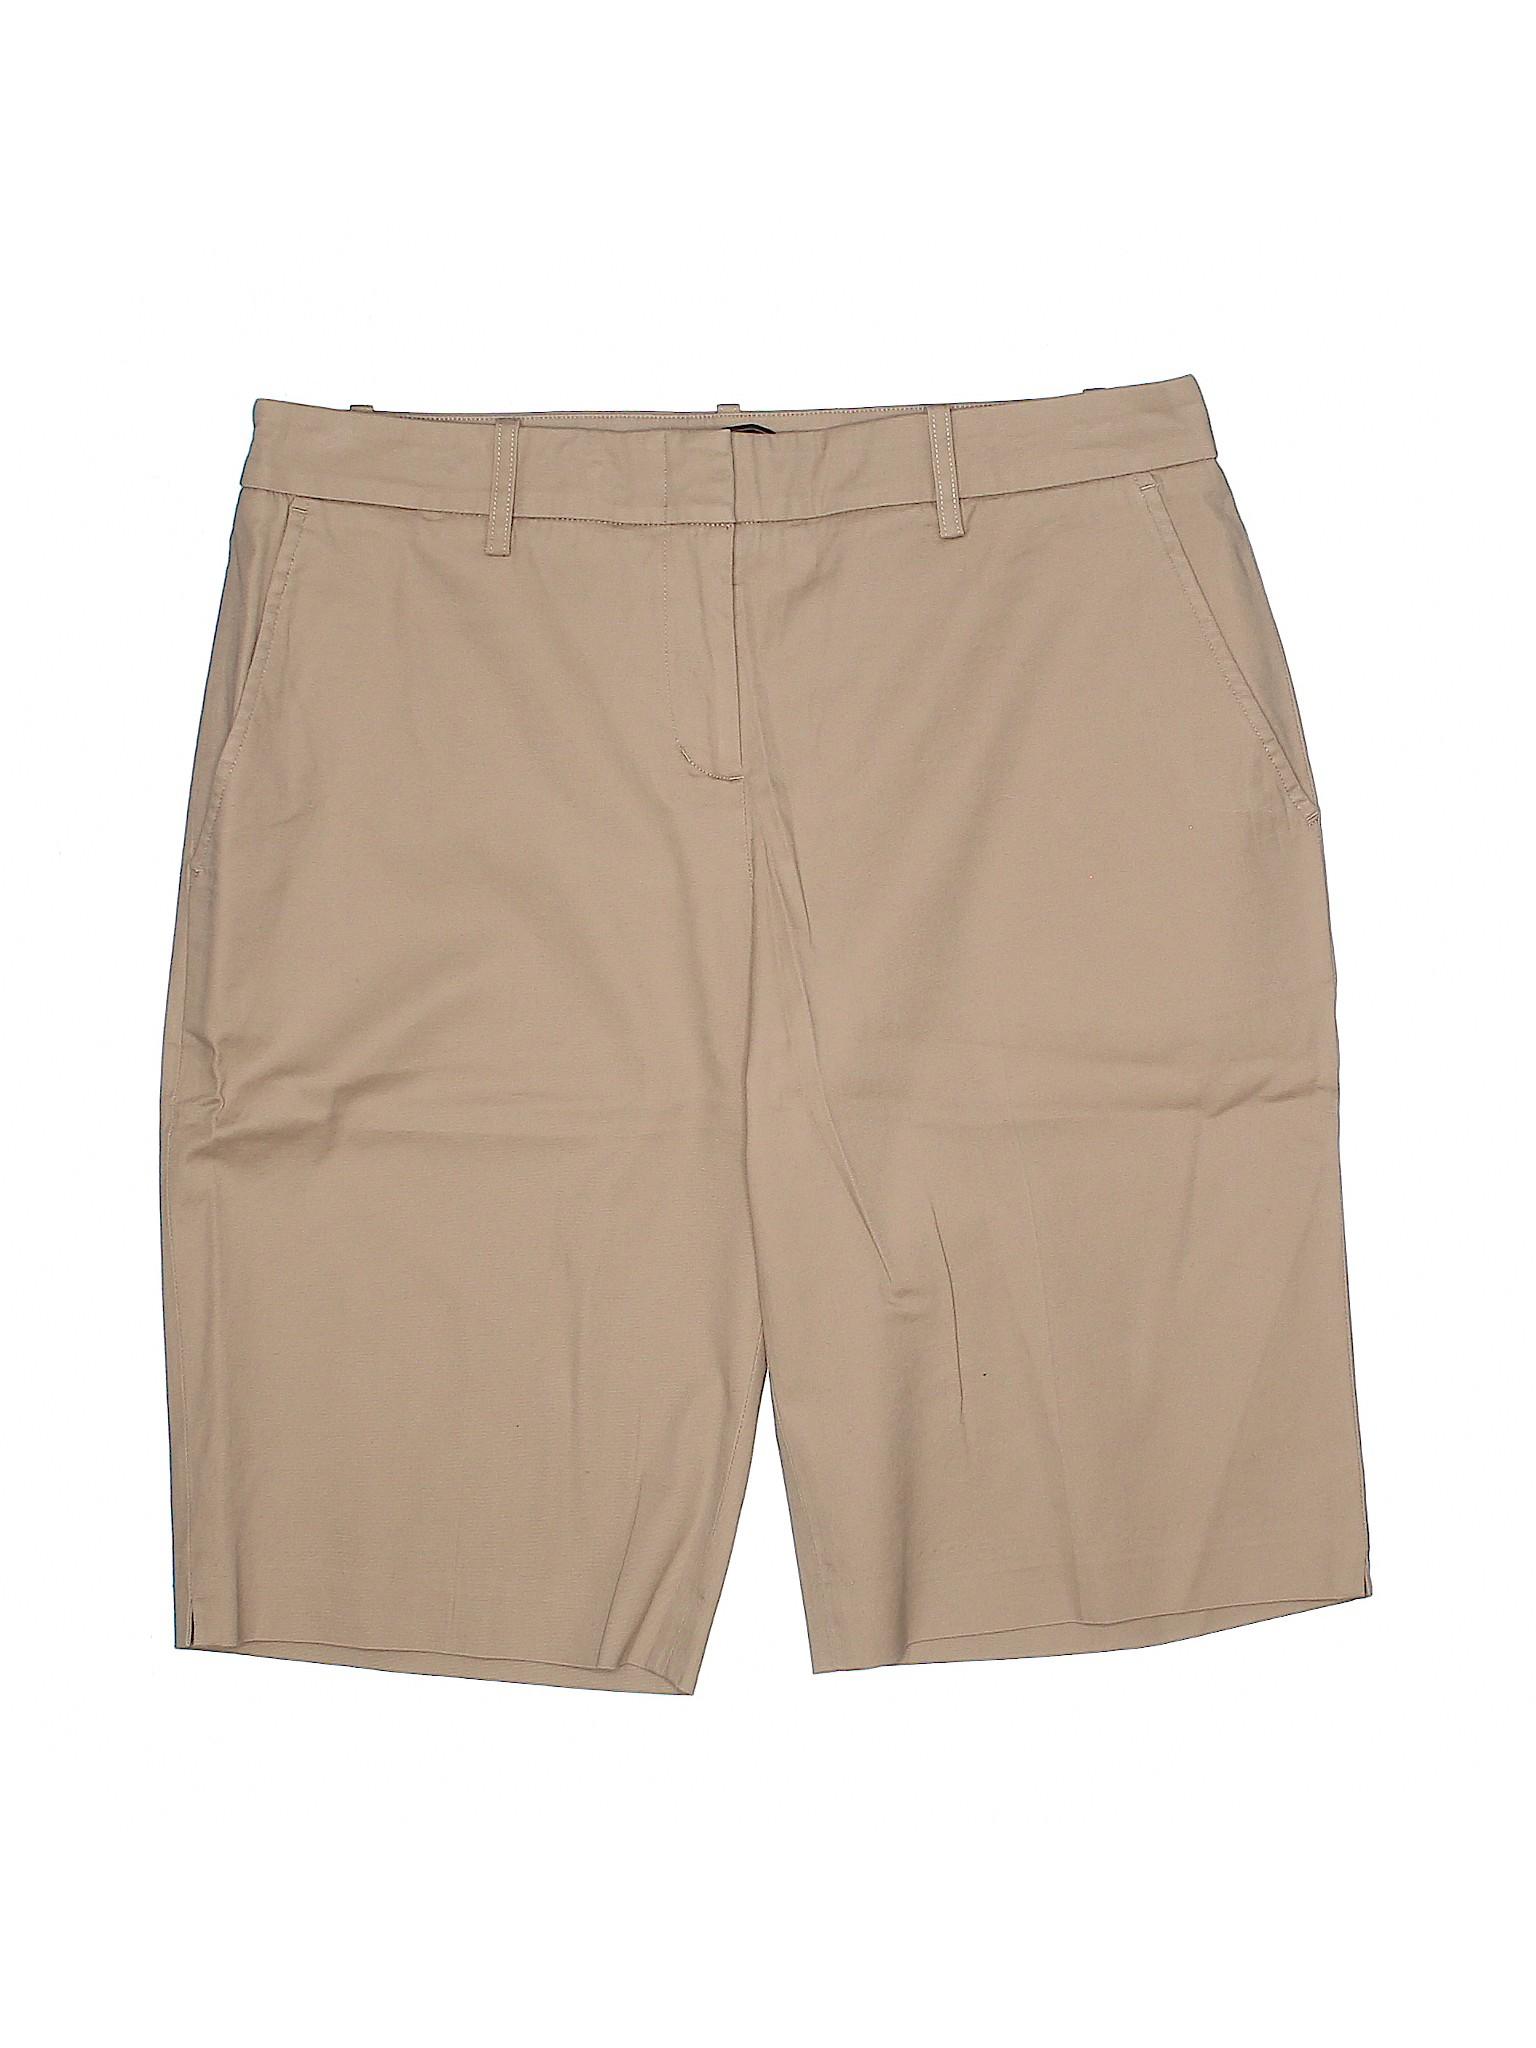 Bcbgmaxazria Shorts Boutique Bcbgmaxazria Khaki Shorts Boutique Khaki Boutique Bcbgmaxazria 4fFqwdPw